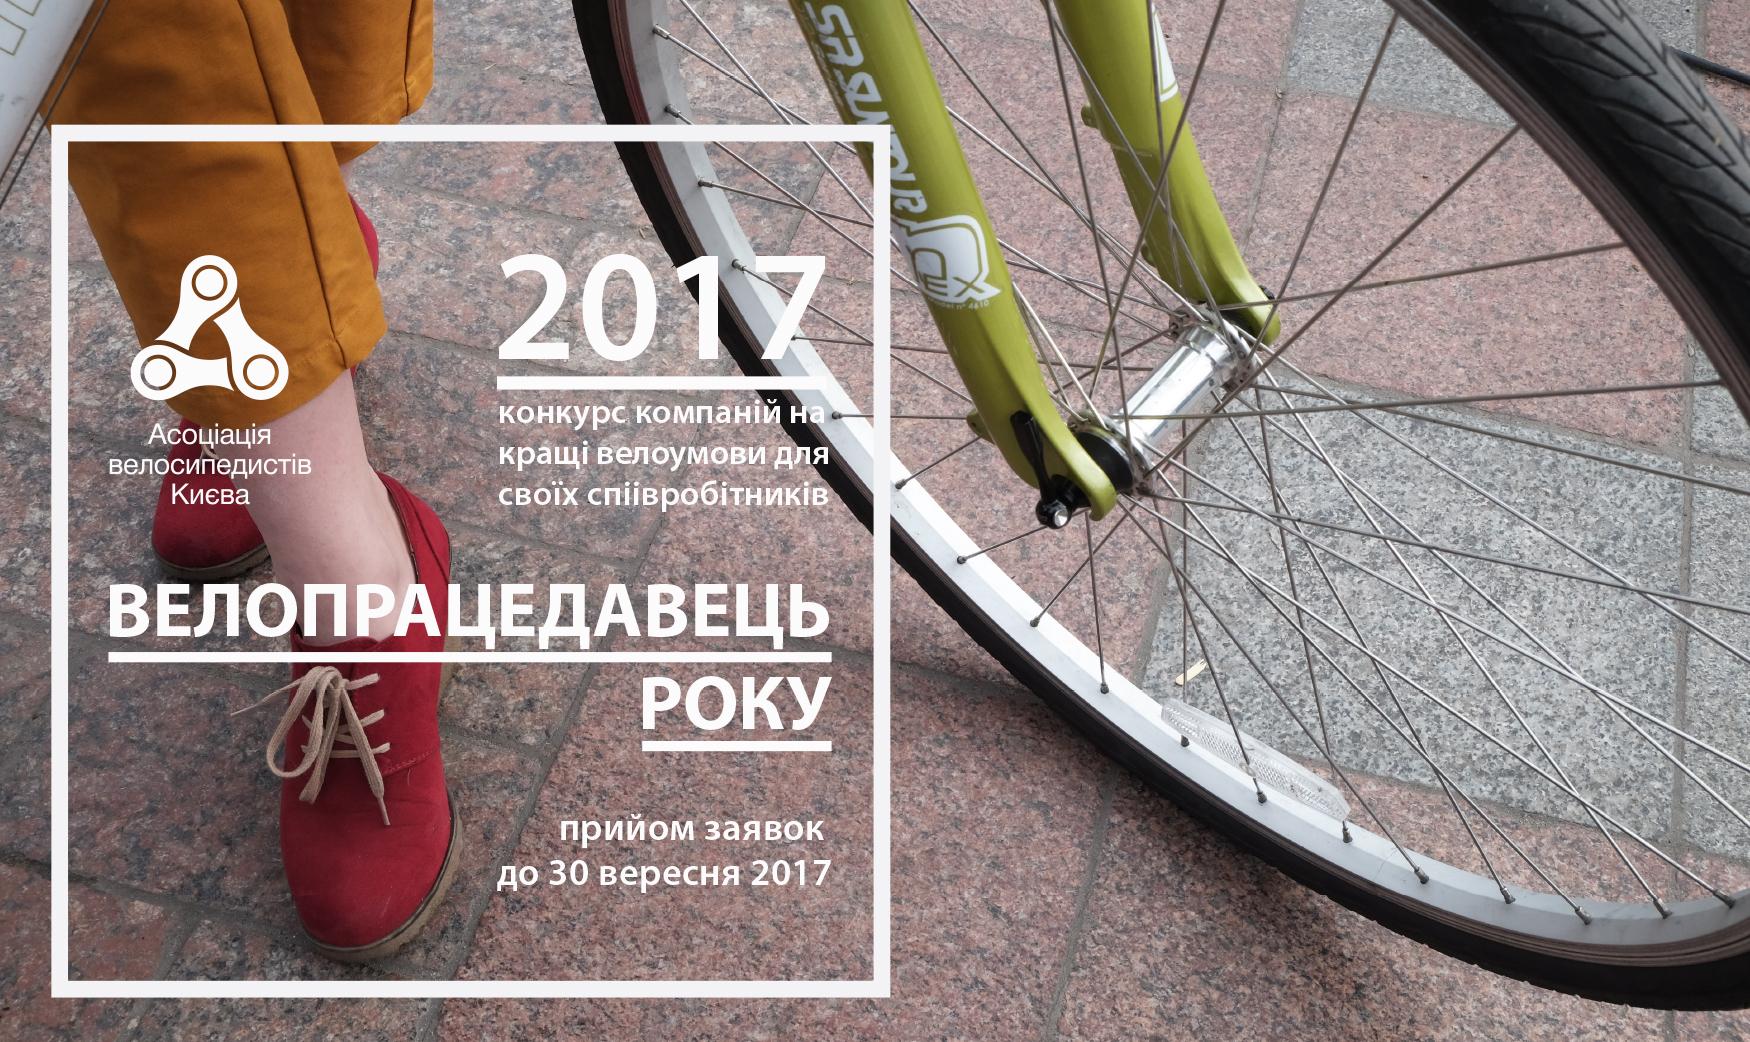 Конкурс «Велопрацедавець 2017» для роботодавців Києва